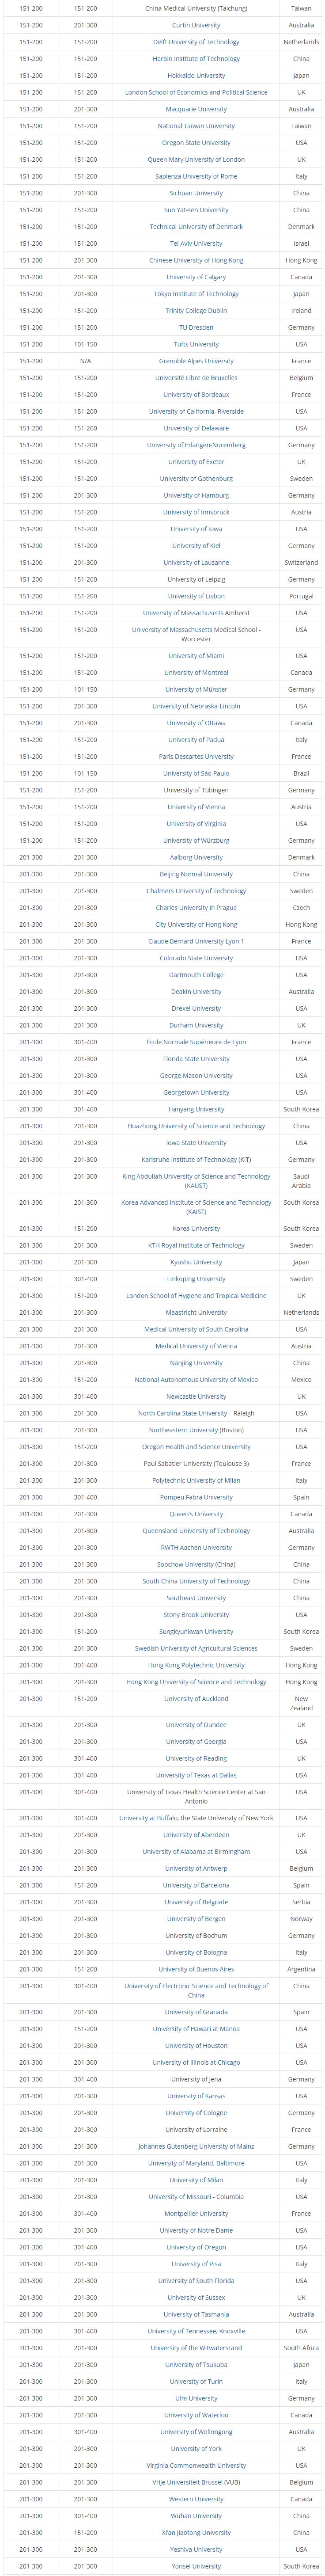 重磅消息!ARWU2017世界大学学术排名新鲜出炉